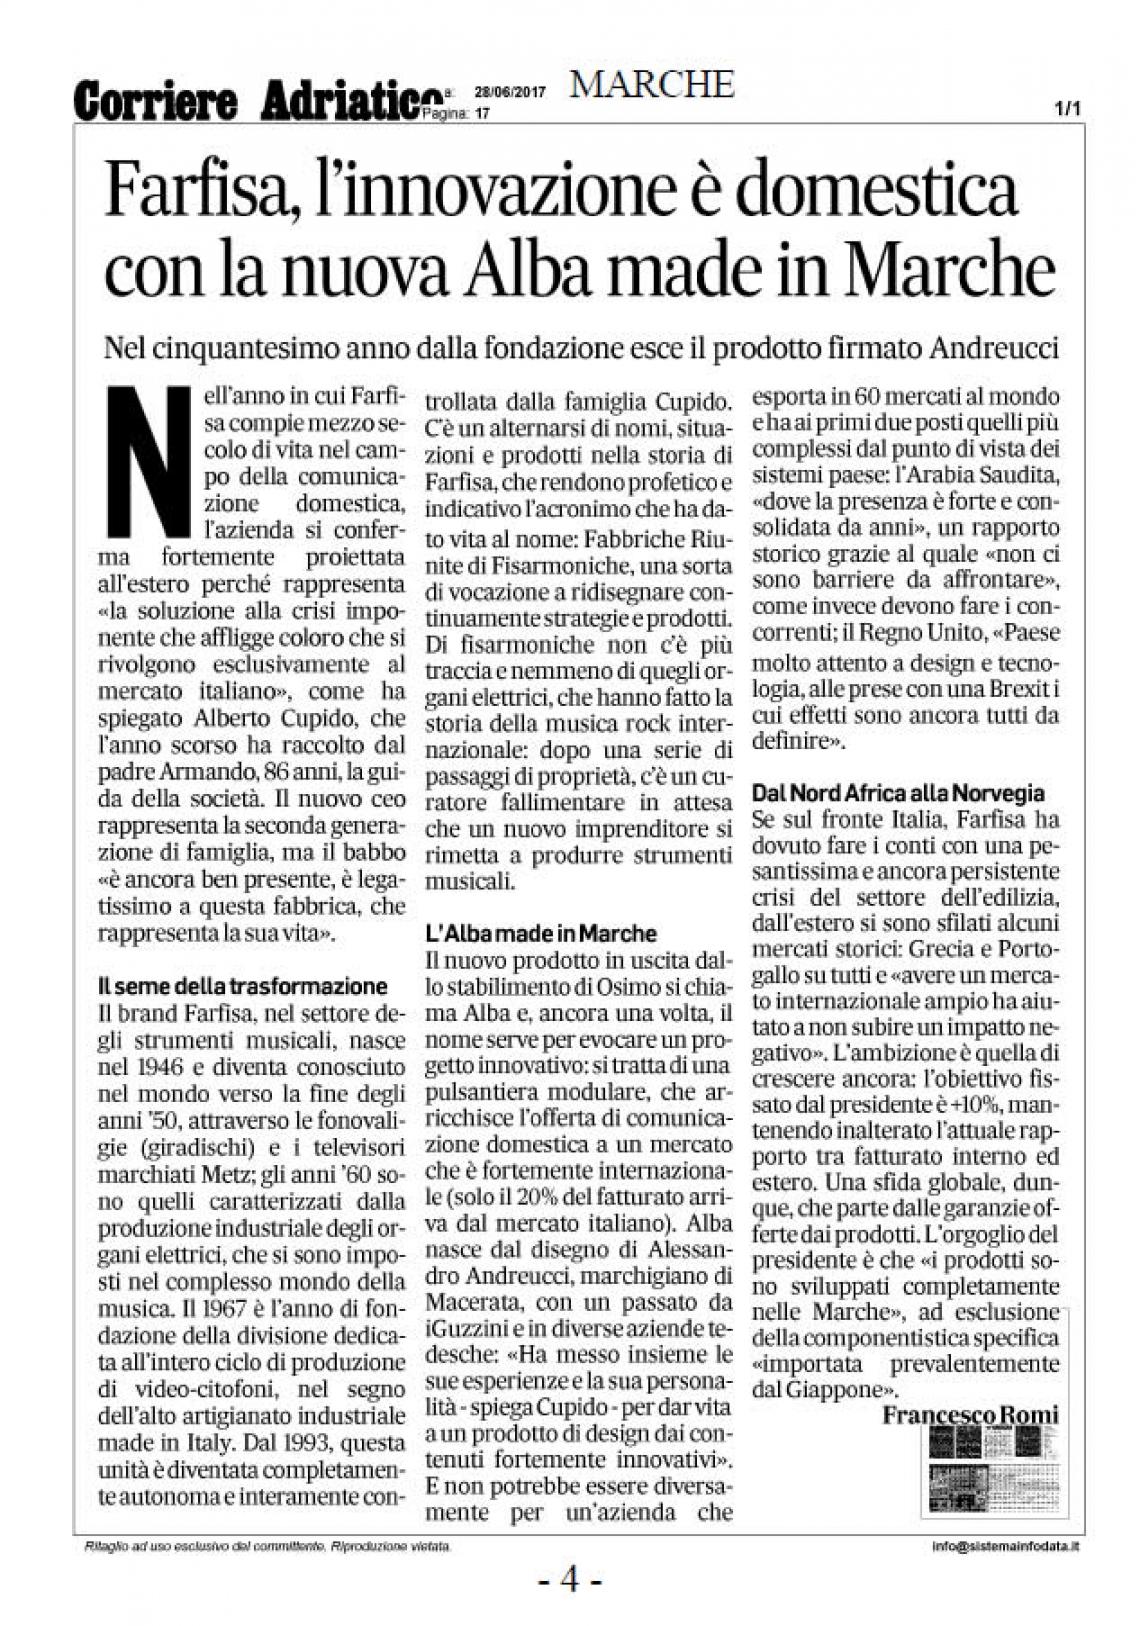 Farfisa, l'innovazione è domestica con la nuova Alba made in Marche